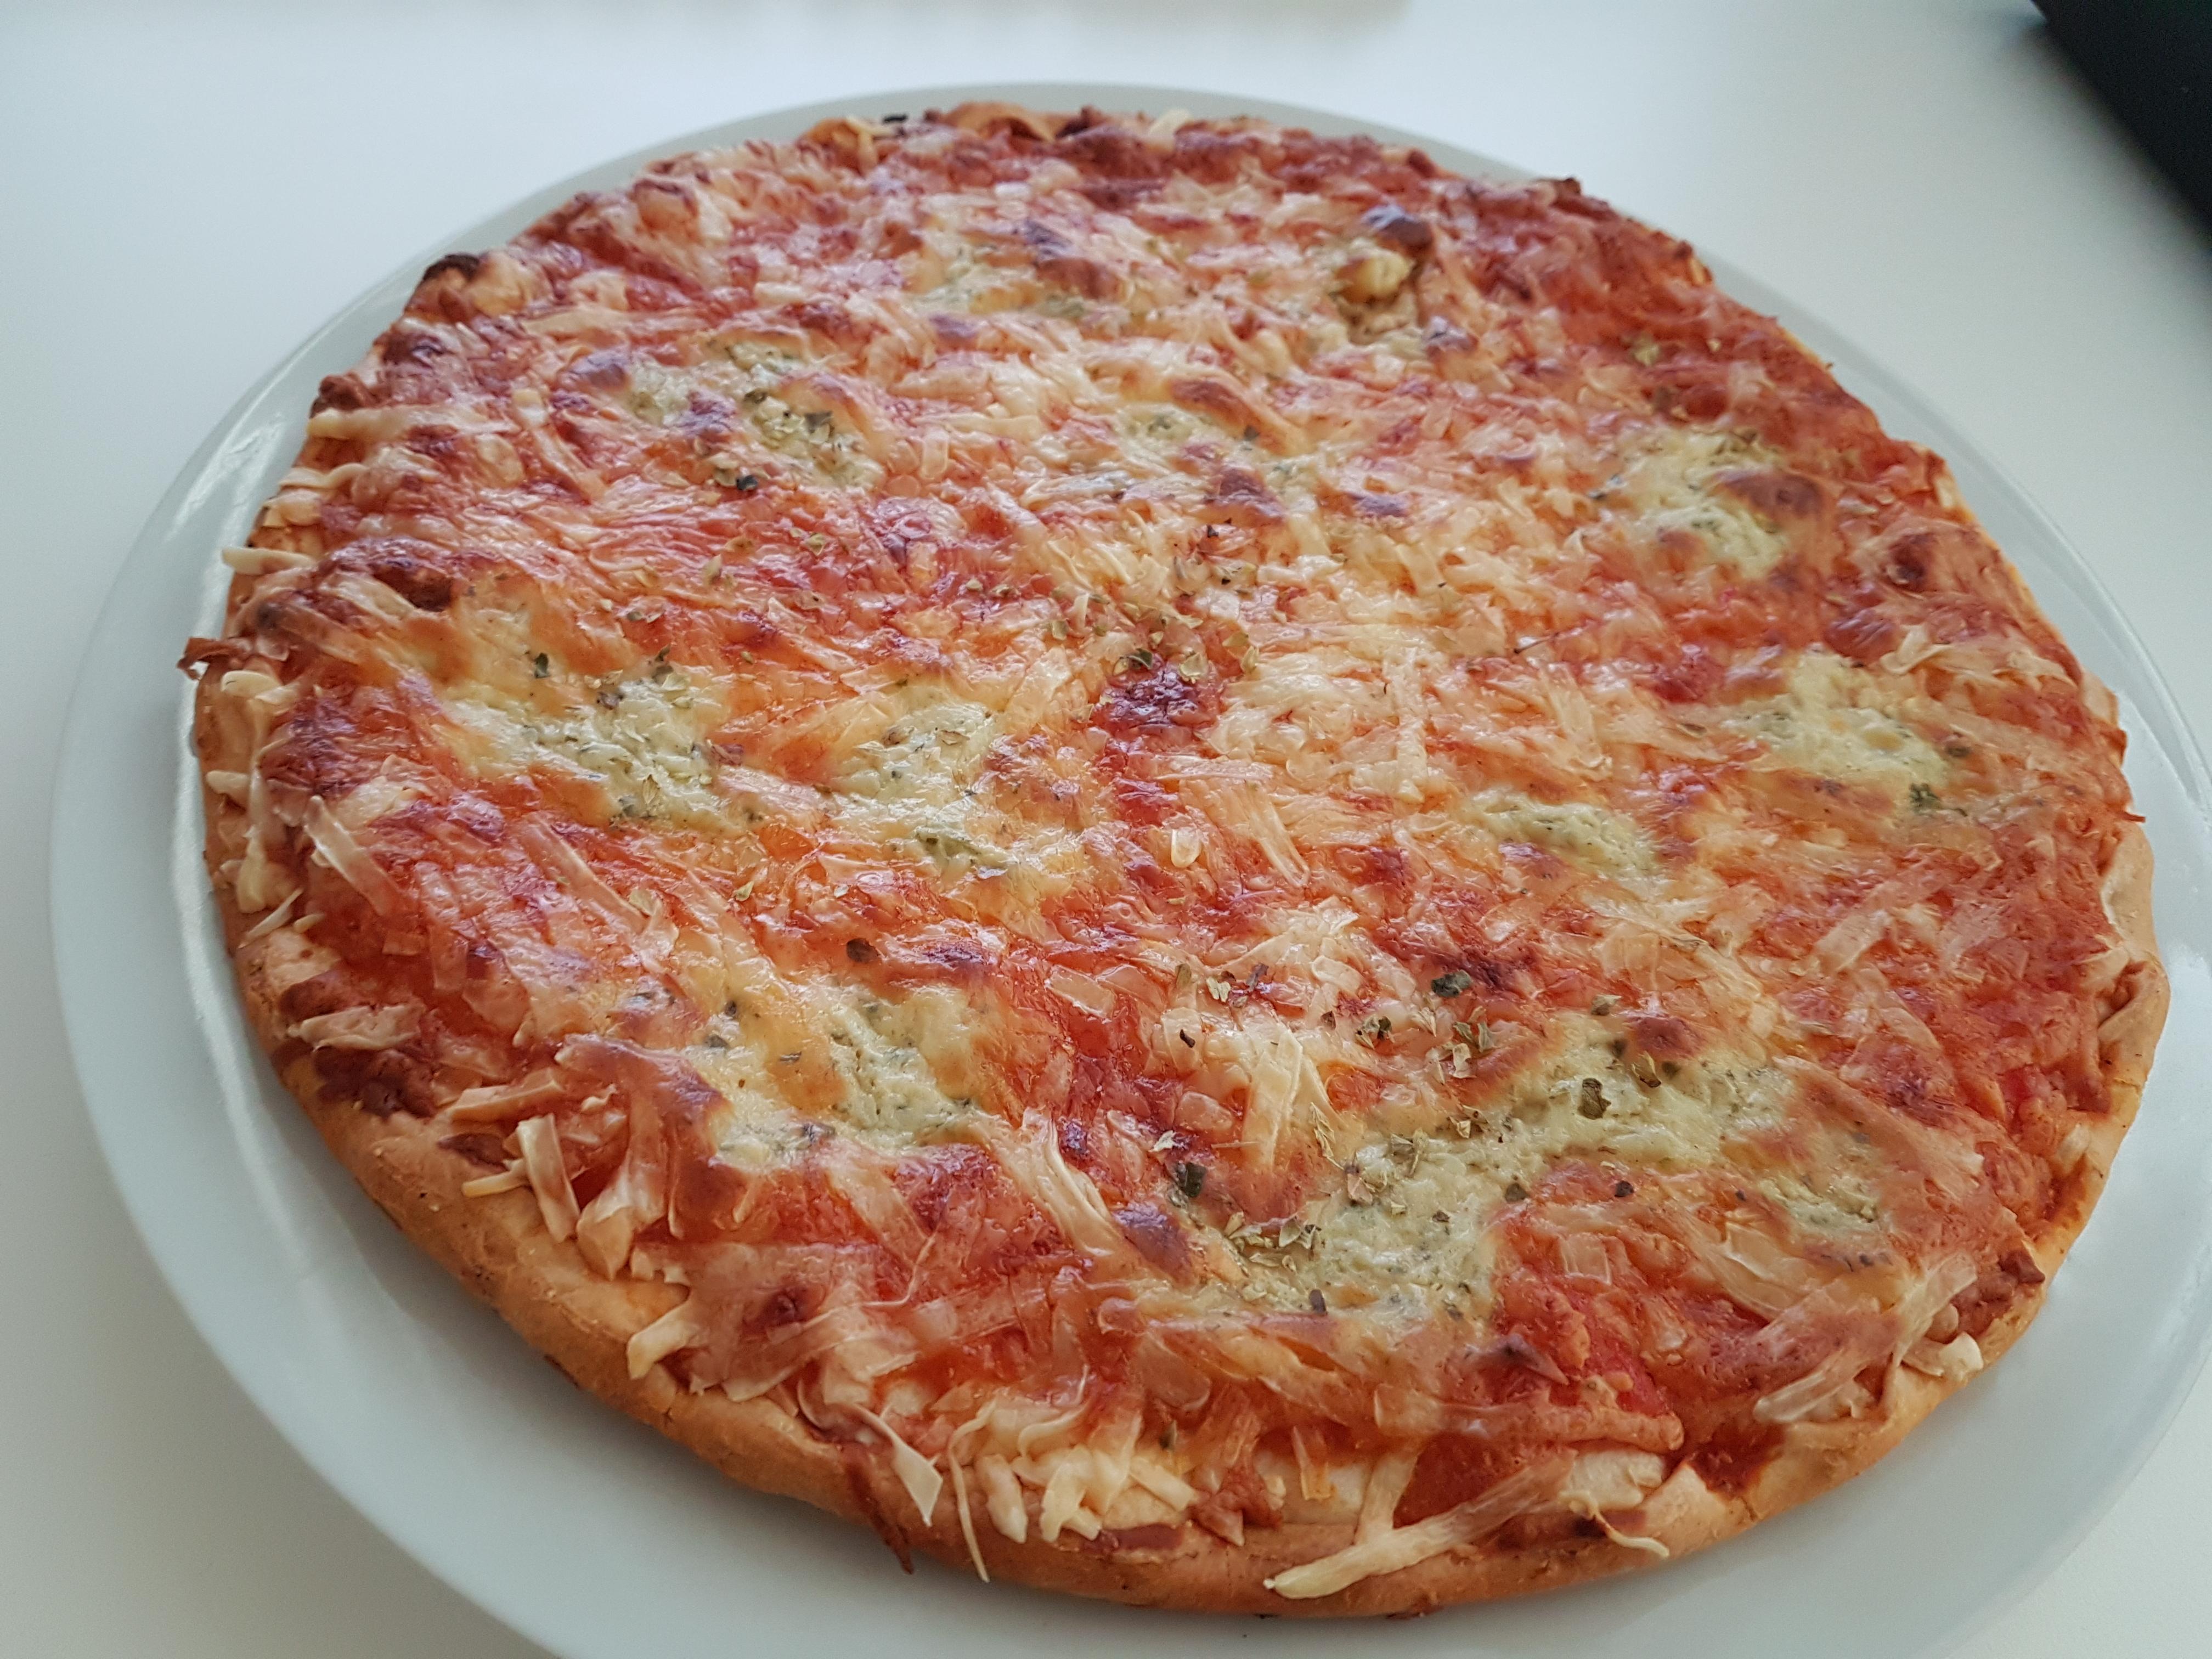 https://foodloader.net/Holz_2018-03-06_Pizza.jpg